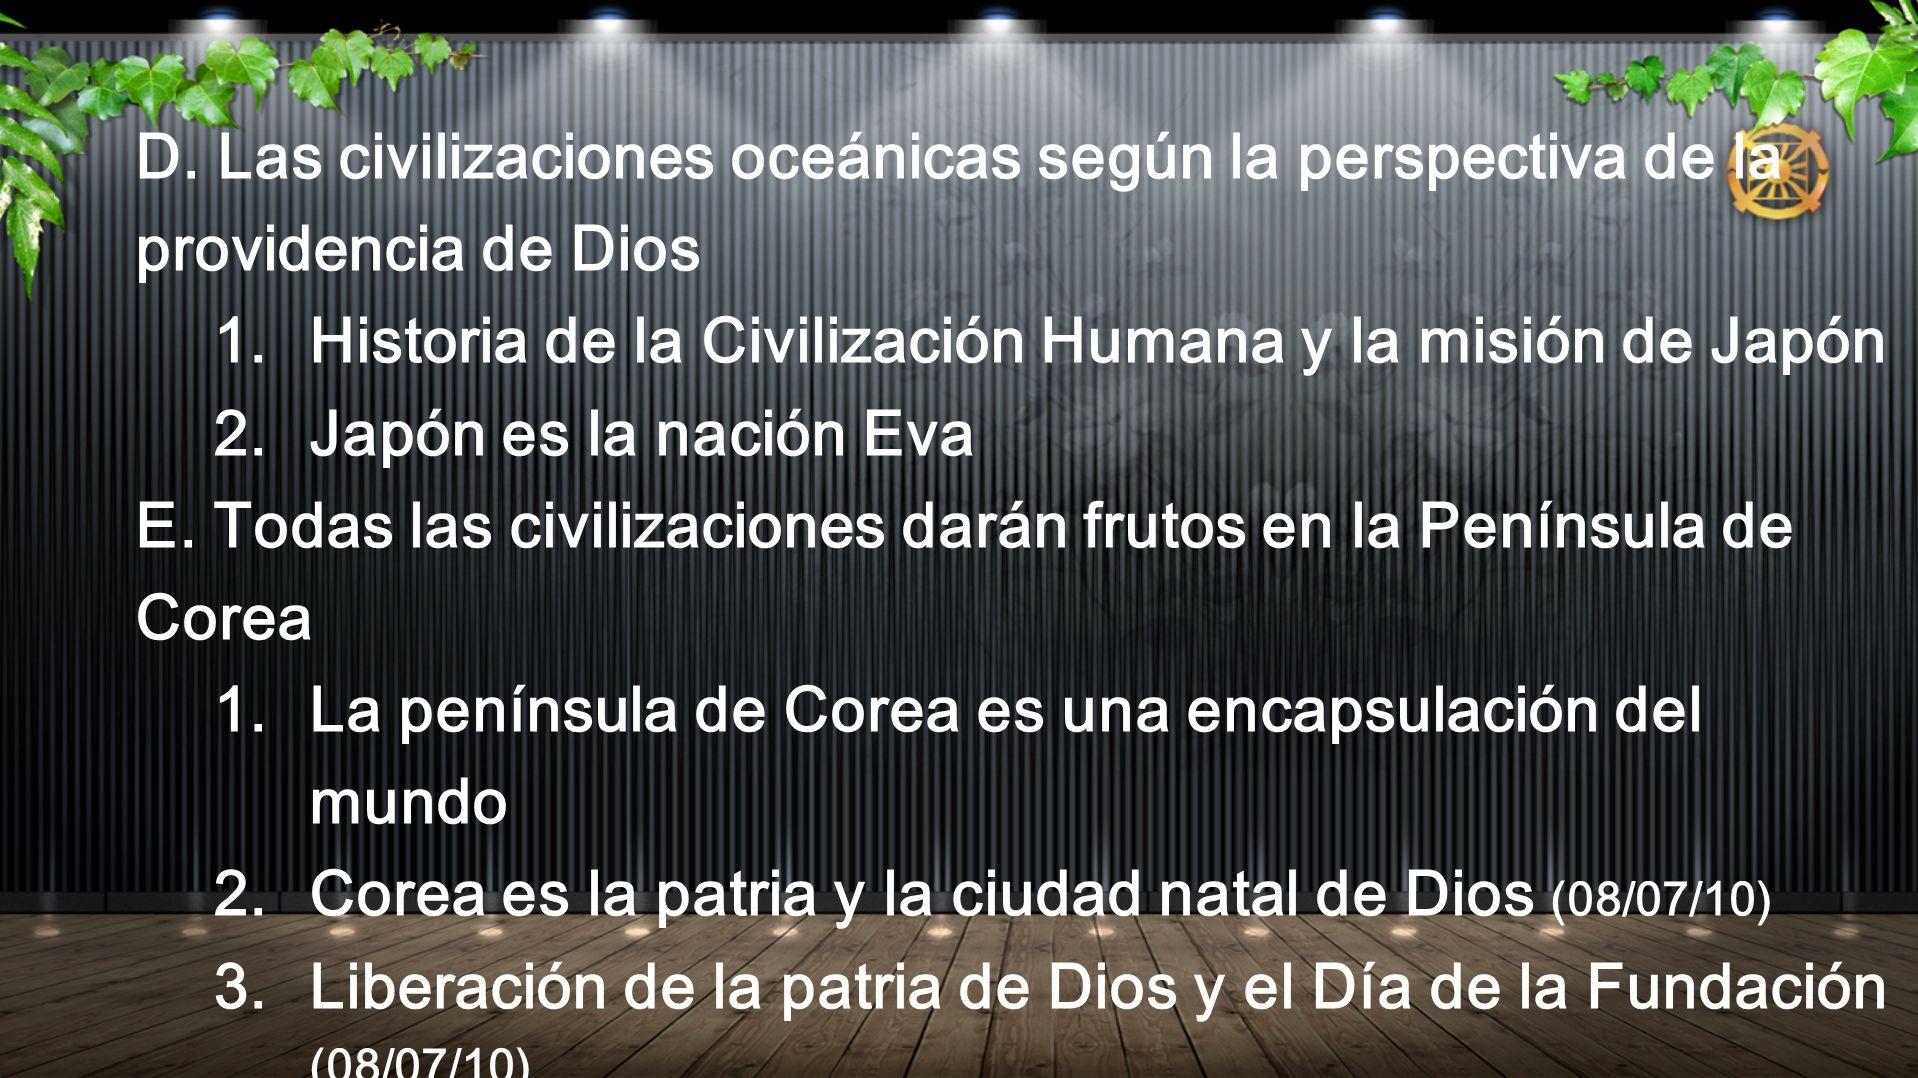 D. Las civilizaciones oceánicas según la perspectiva de la providencia de Dios